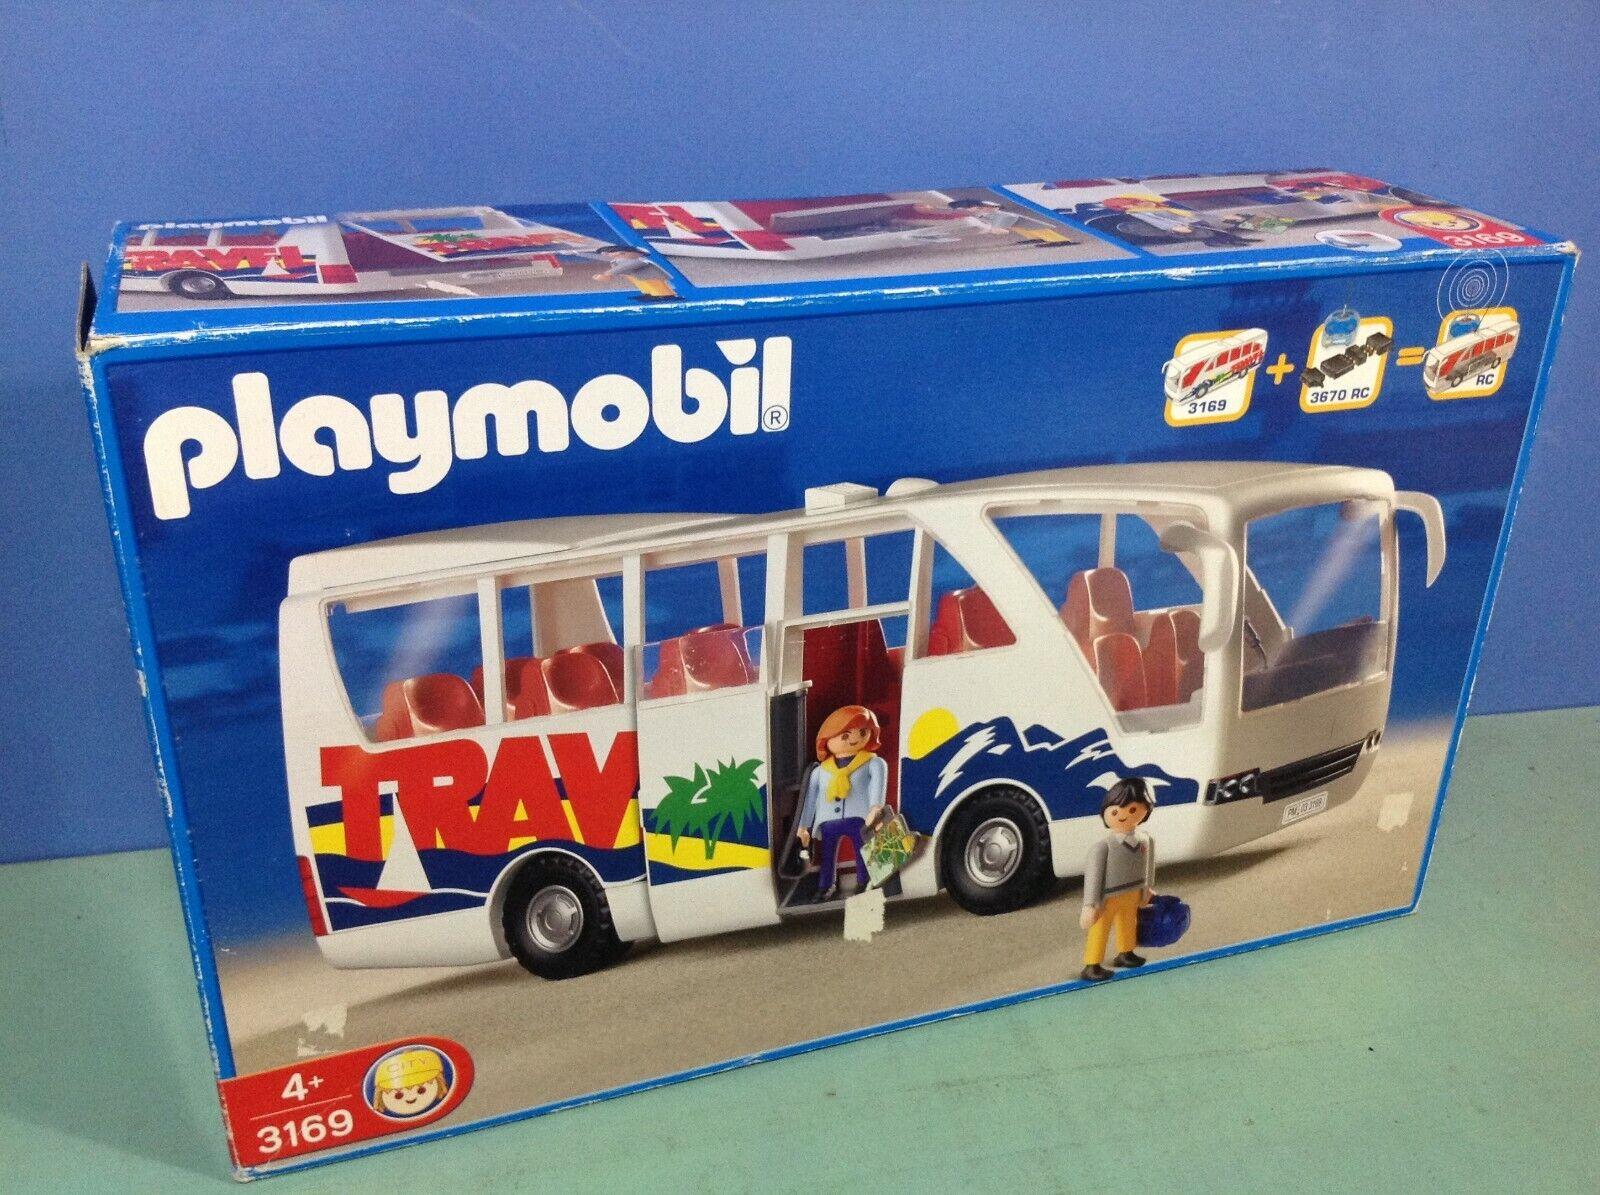 (O3169) playmobil autobus travel ref 3169  en boite complète  consegna gratuita e veloce disponibile